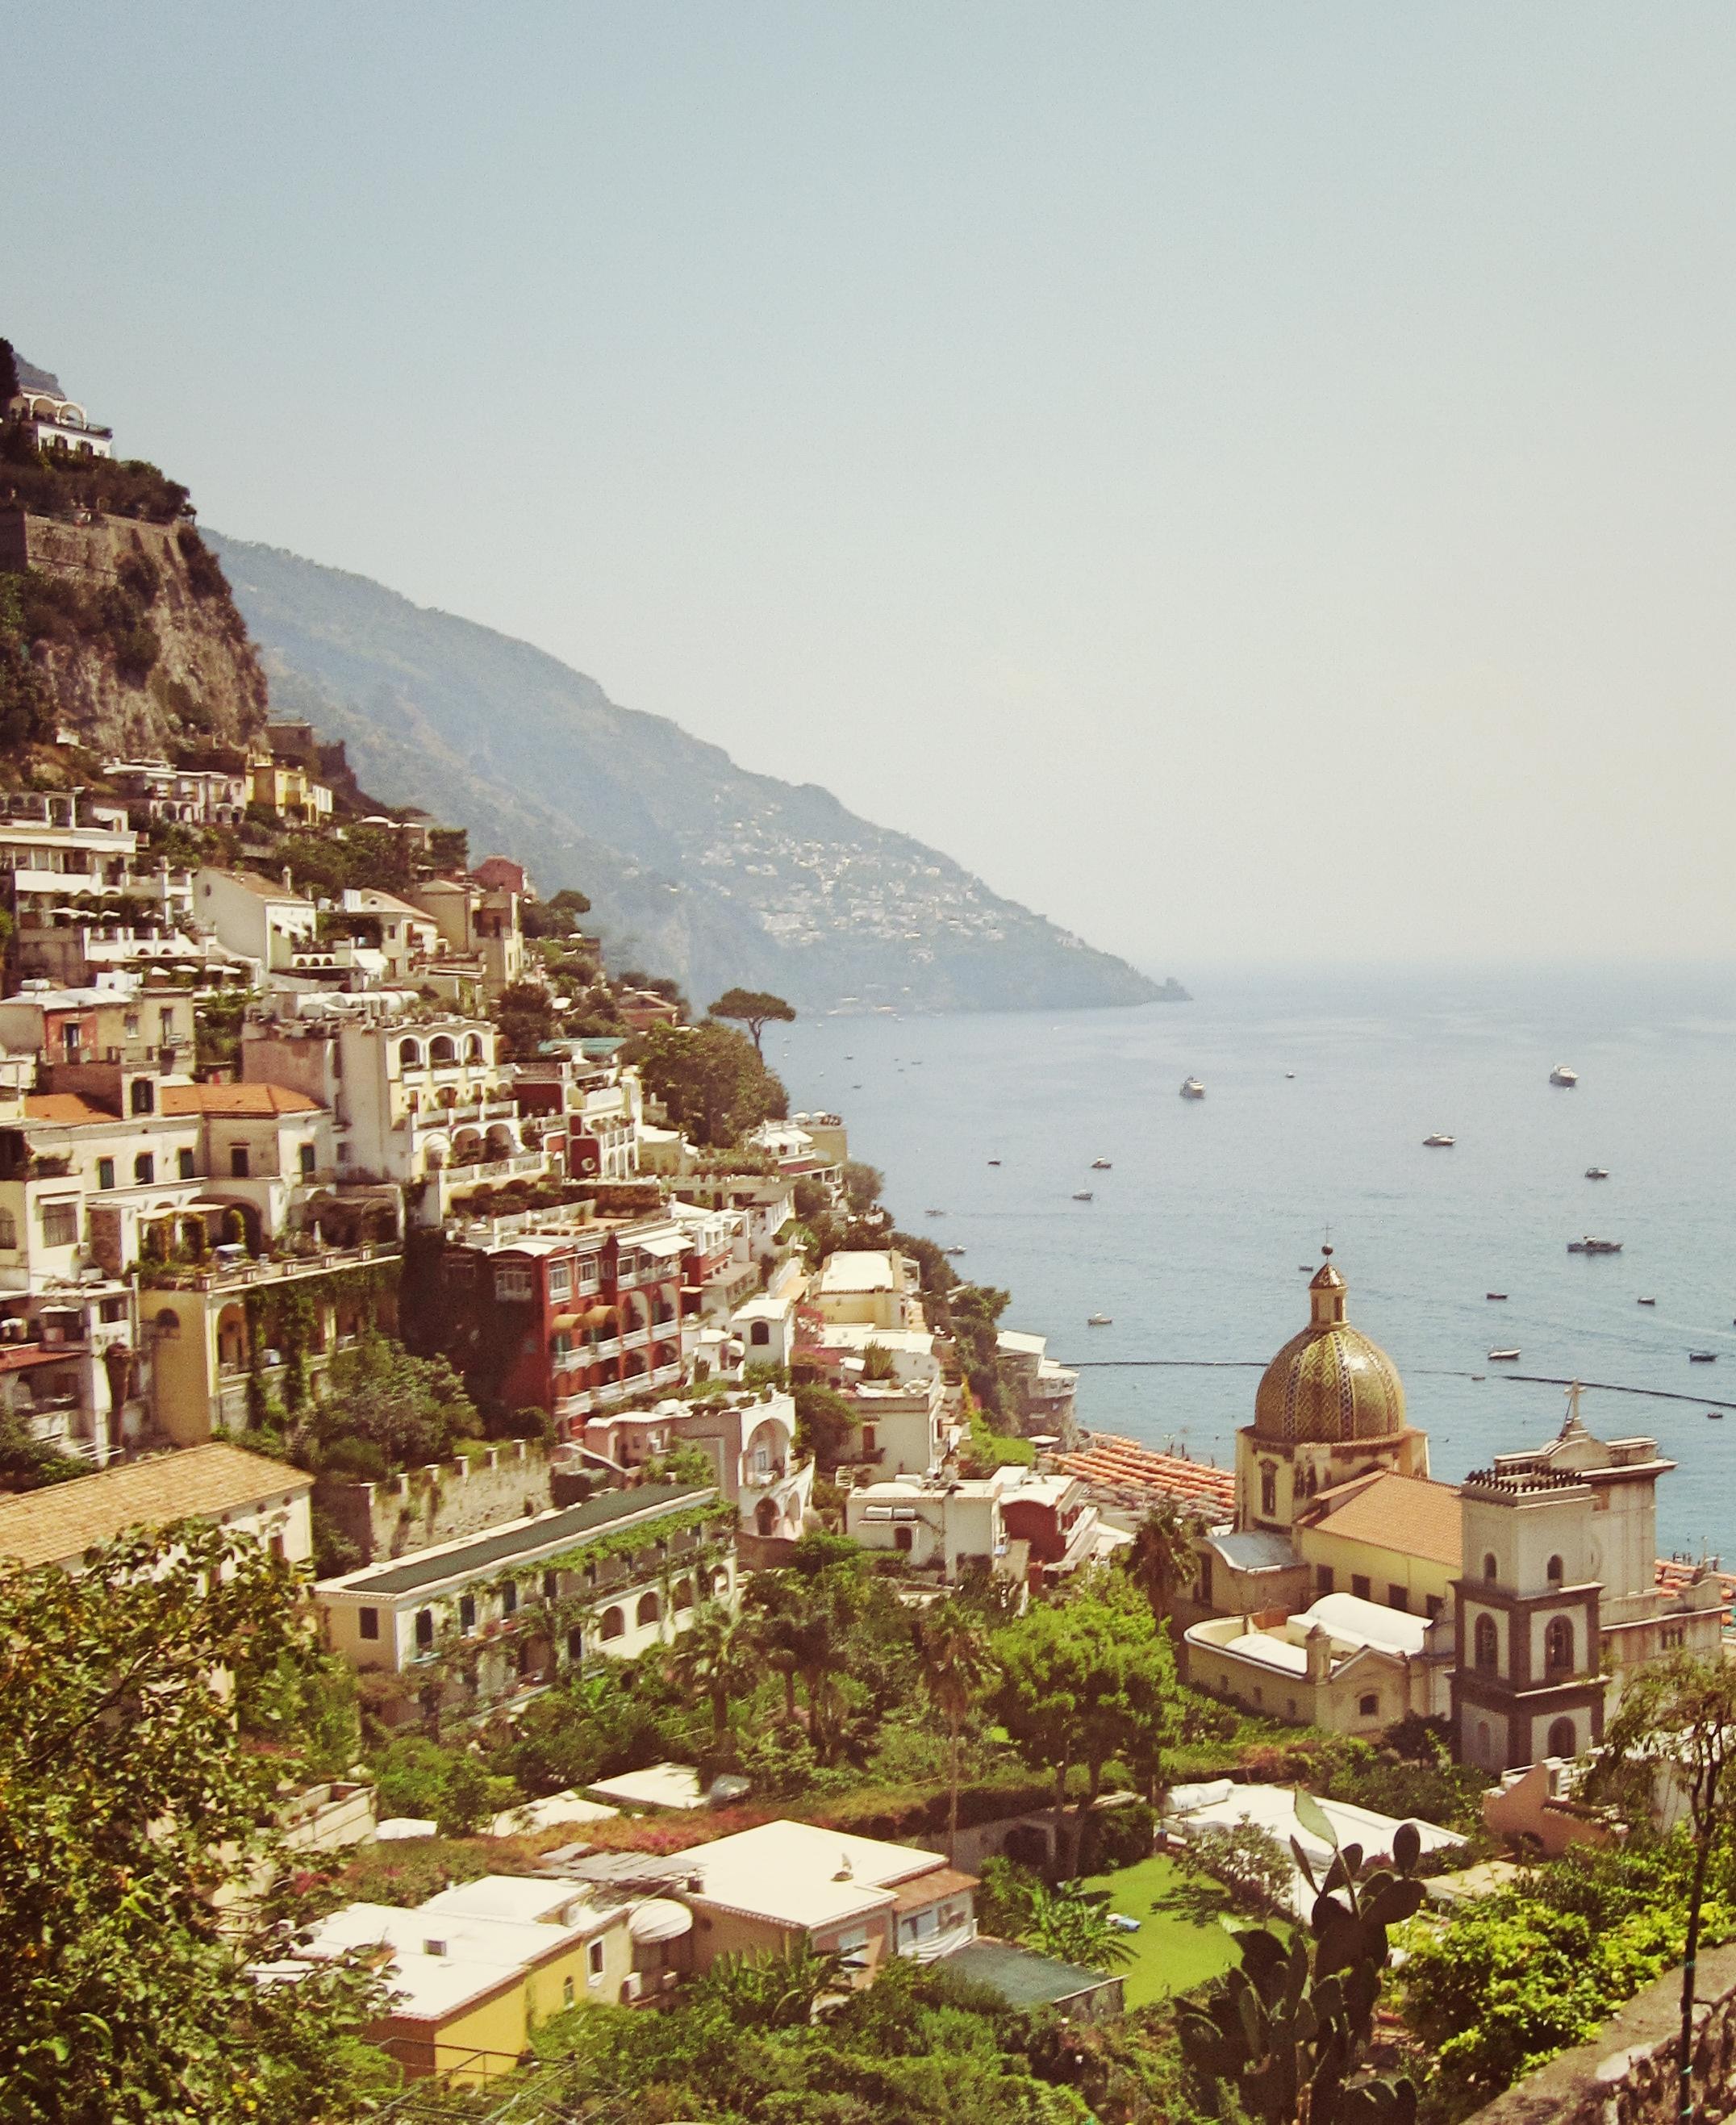 The lovely hillside town of Positano on the Amalfi Coast